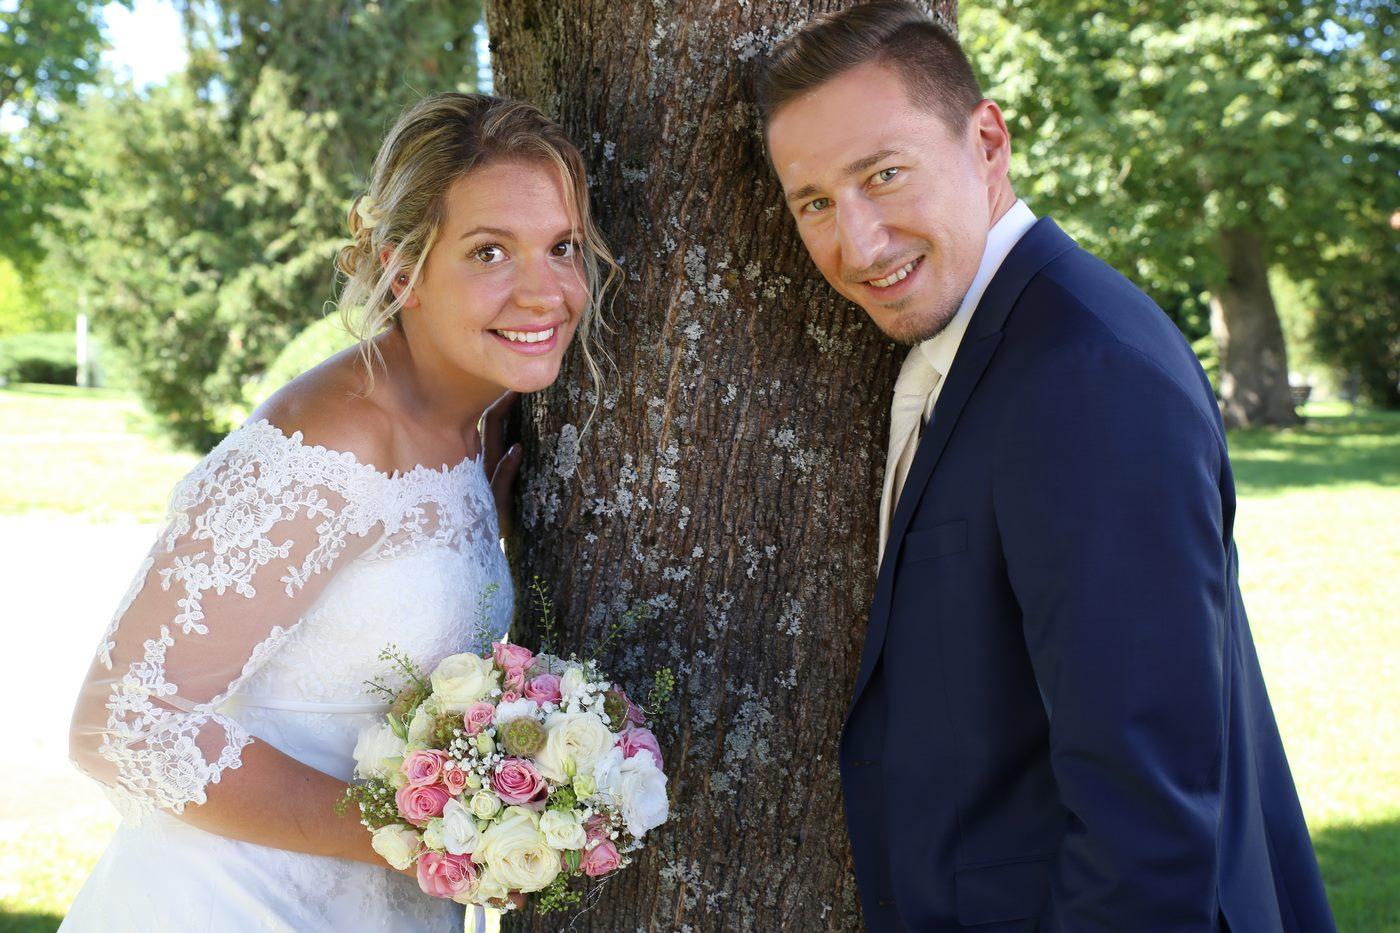 Brautpaar an Baum lehnend und in die Kamera schauend